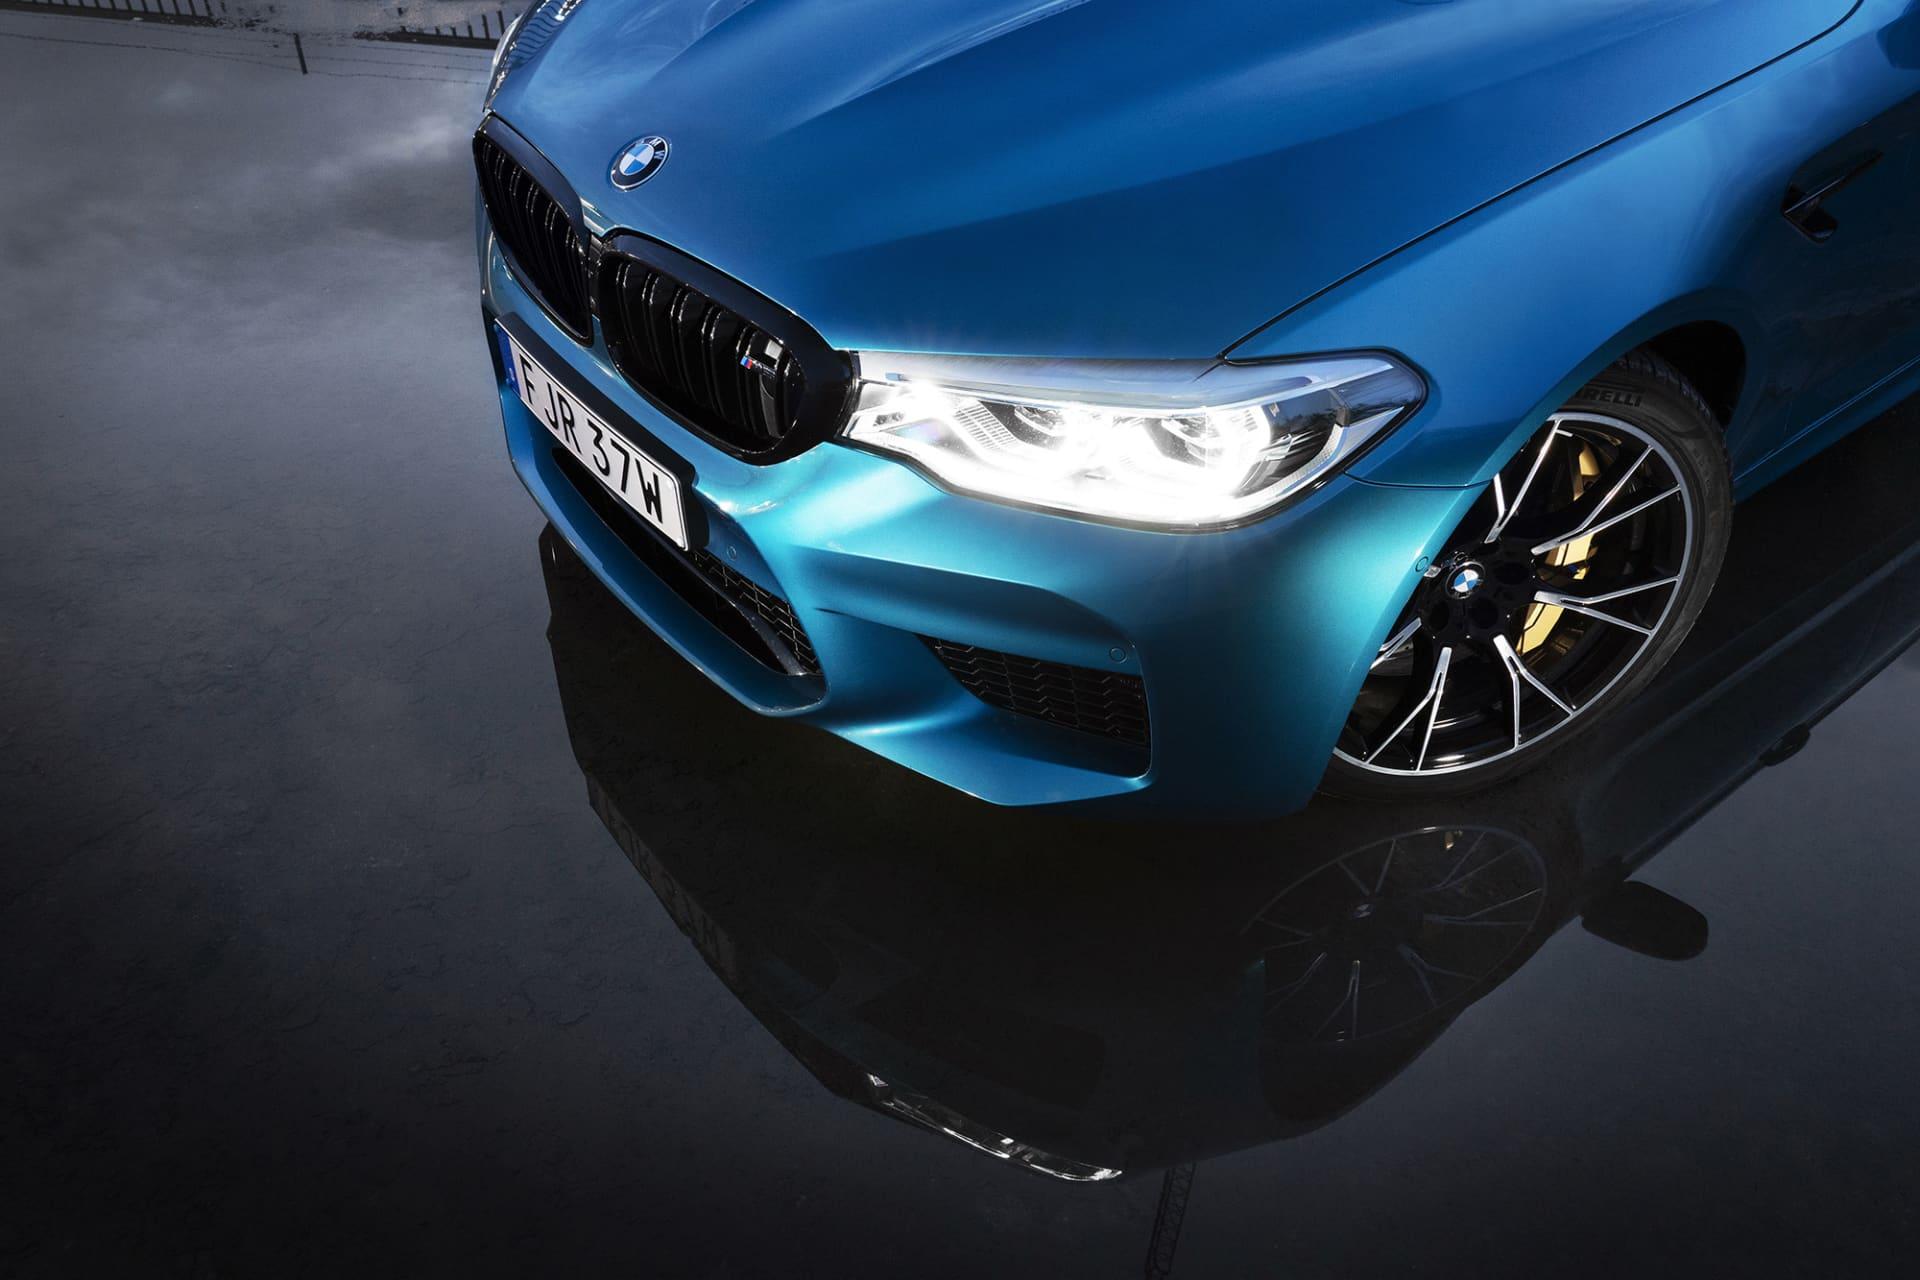 Större luftintag och gigantiska bromsar är några av känneteckna på att det här inte är en vanlig 5-Serie från BMW.